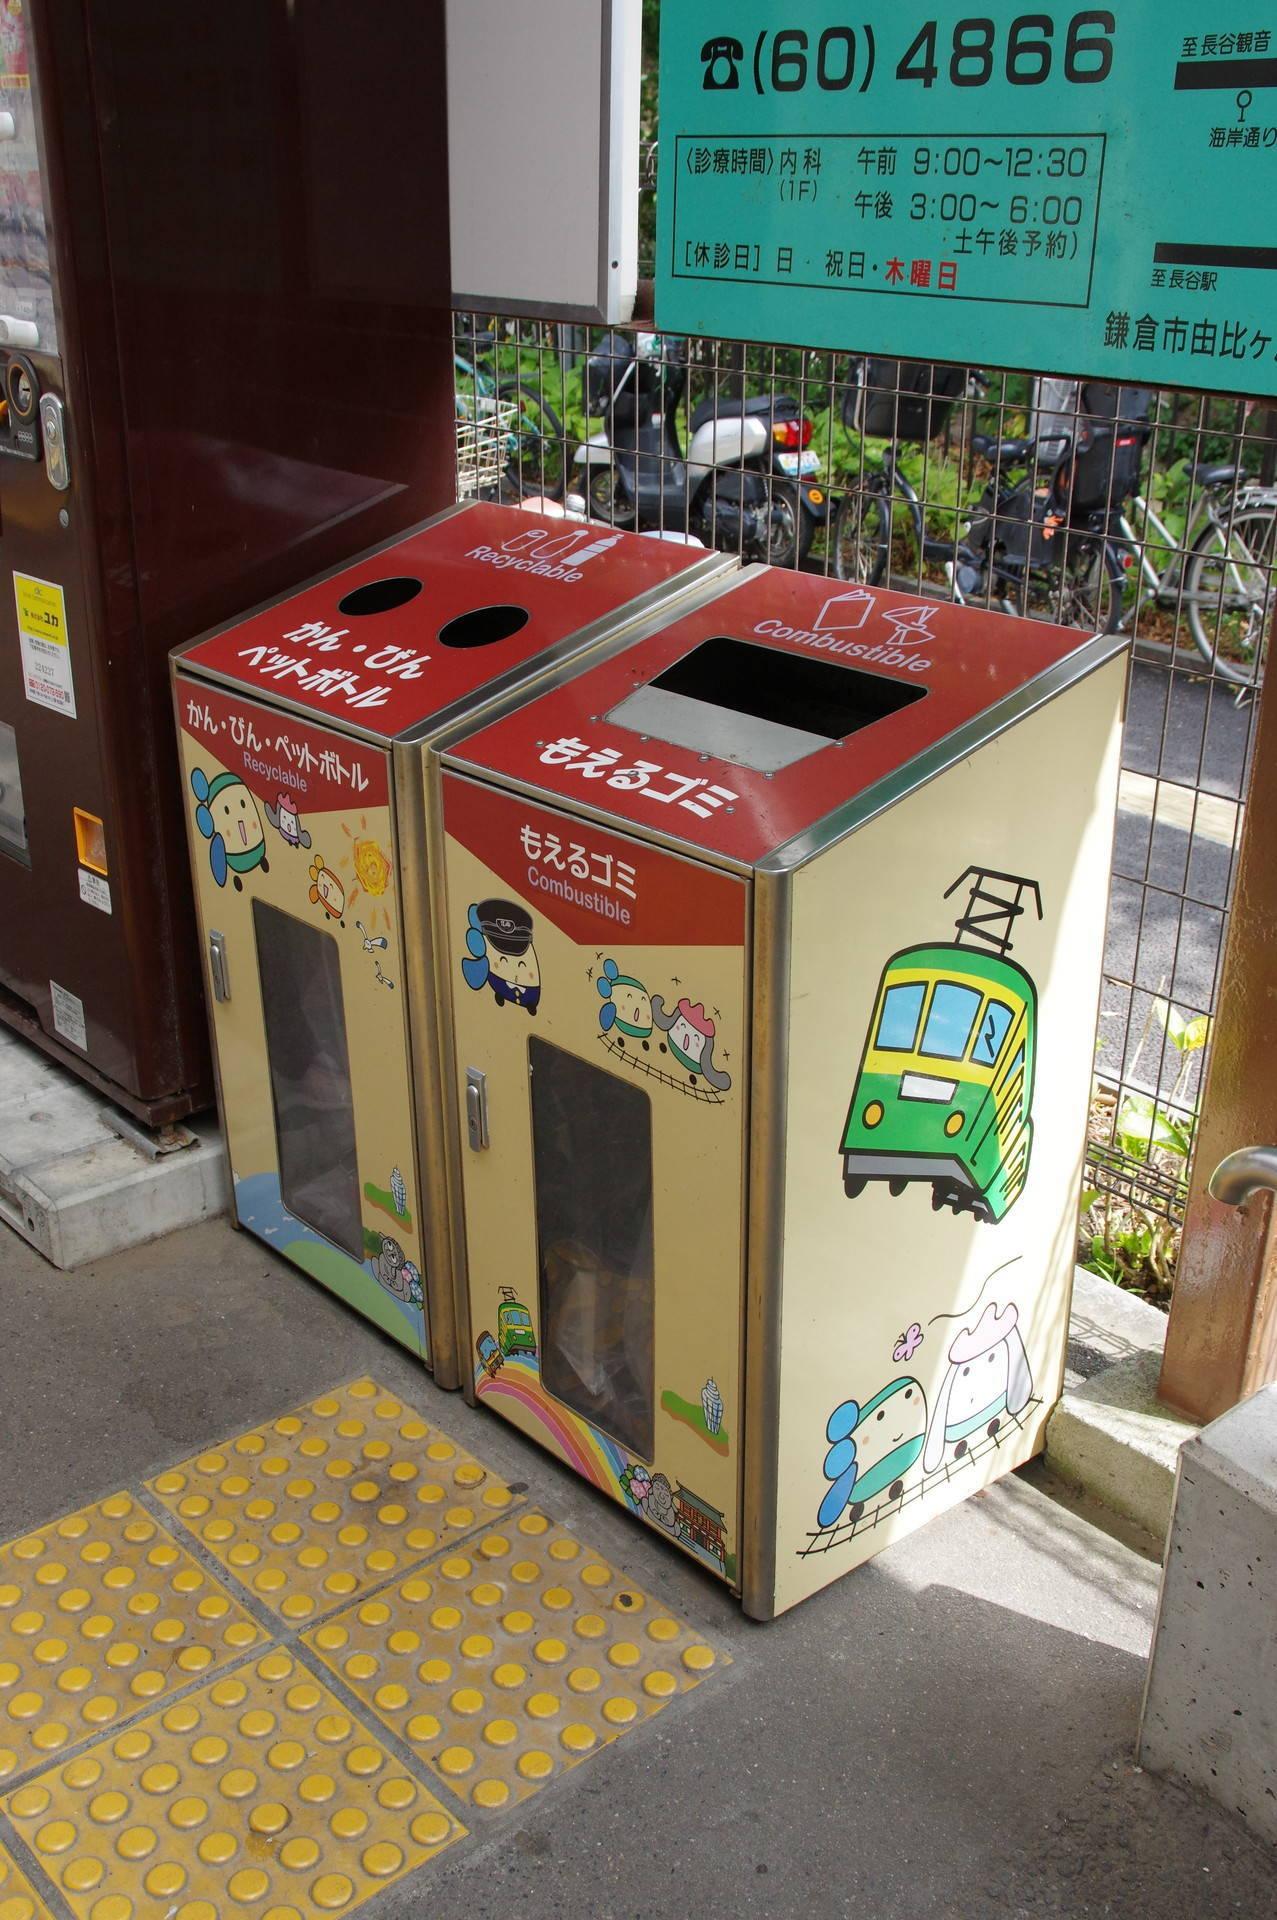 えのんくんなどのイラストが描かれたゴミ箱